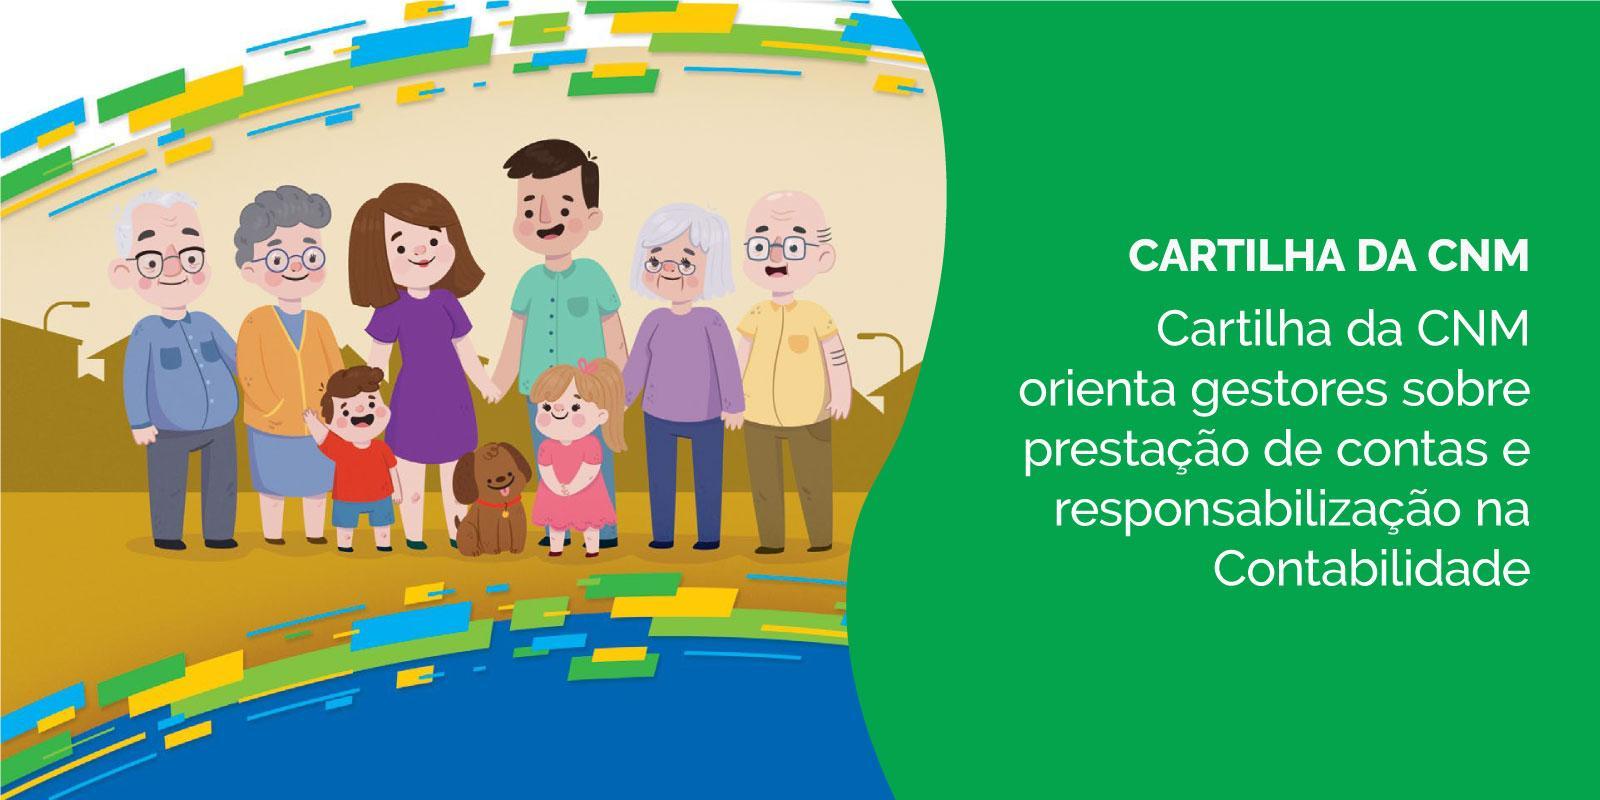 Cartilha da CNM orienta gestores sobre prestação de contas e responsabilização na Contabilidade